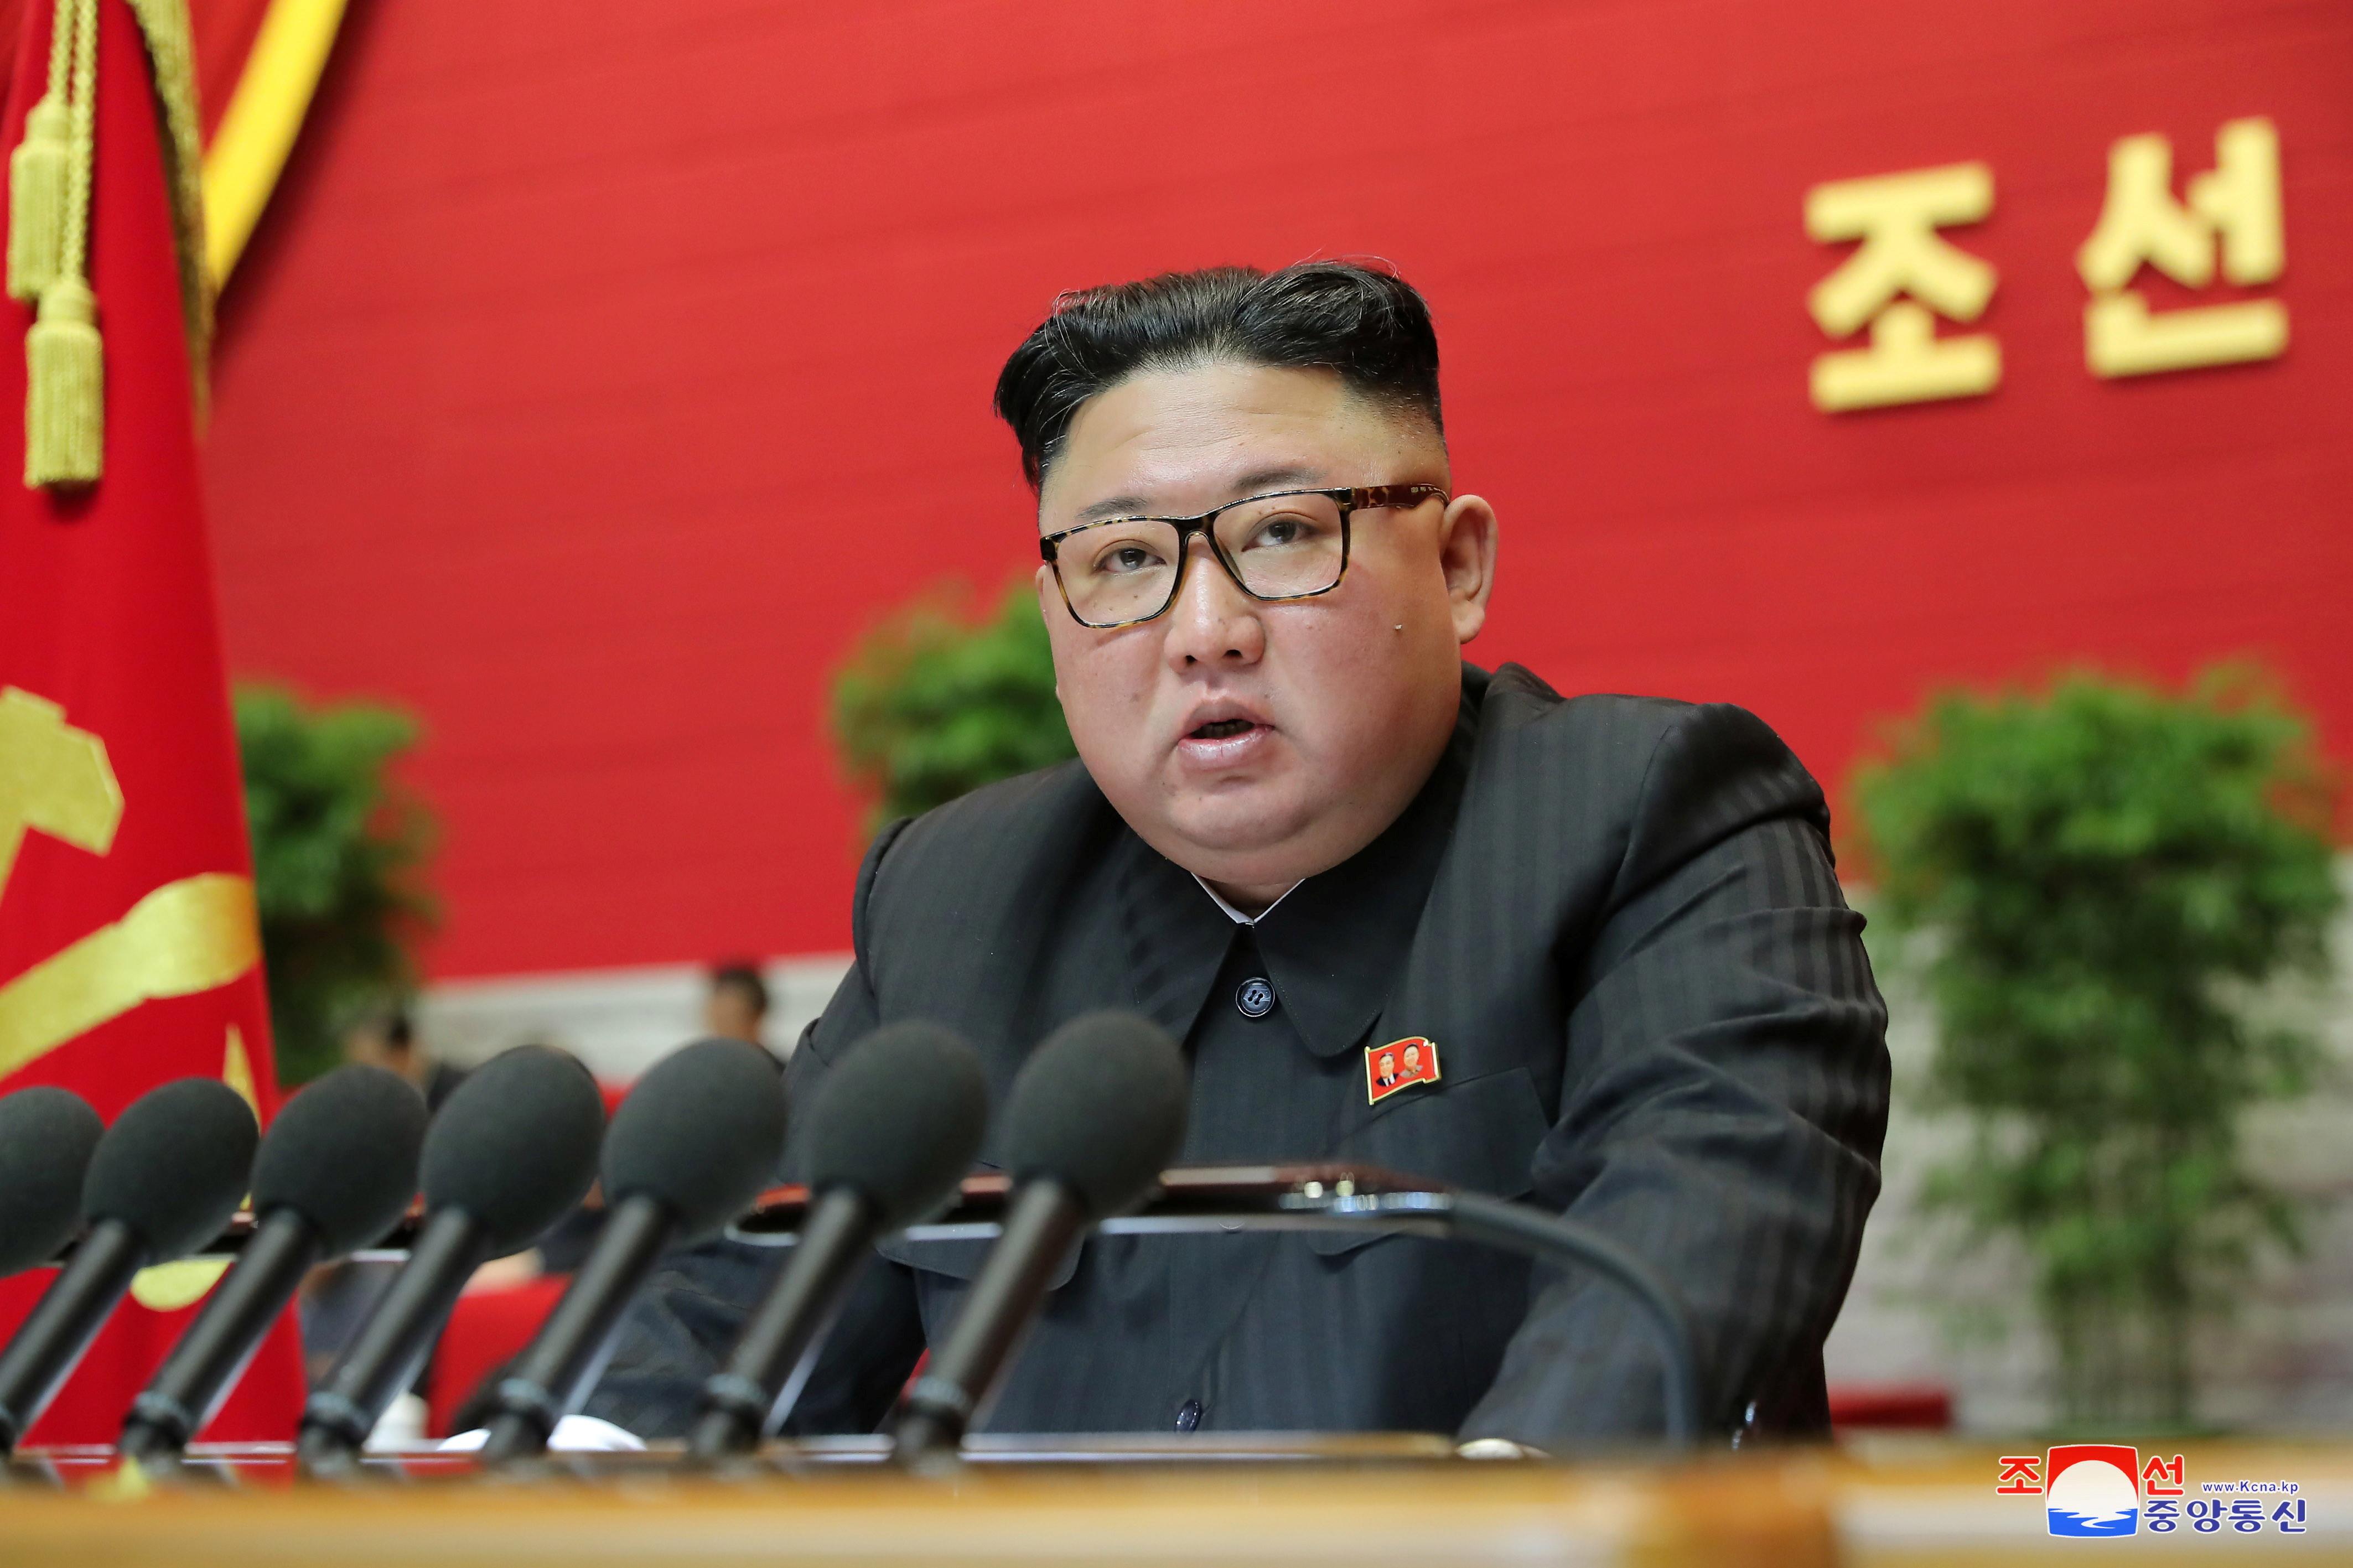 ▲▼金正恩在第8次勞動黨全代會上,發表對美國、南韓的態度。(圖/路透社)